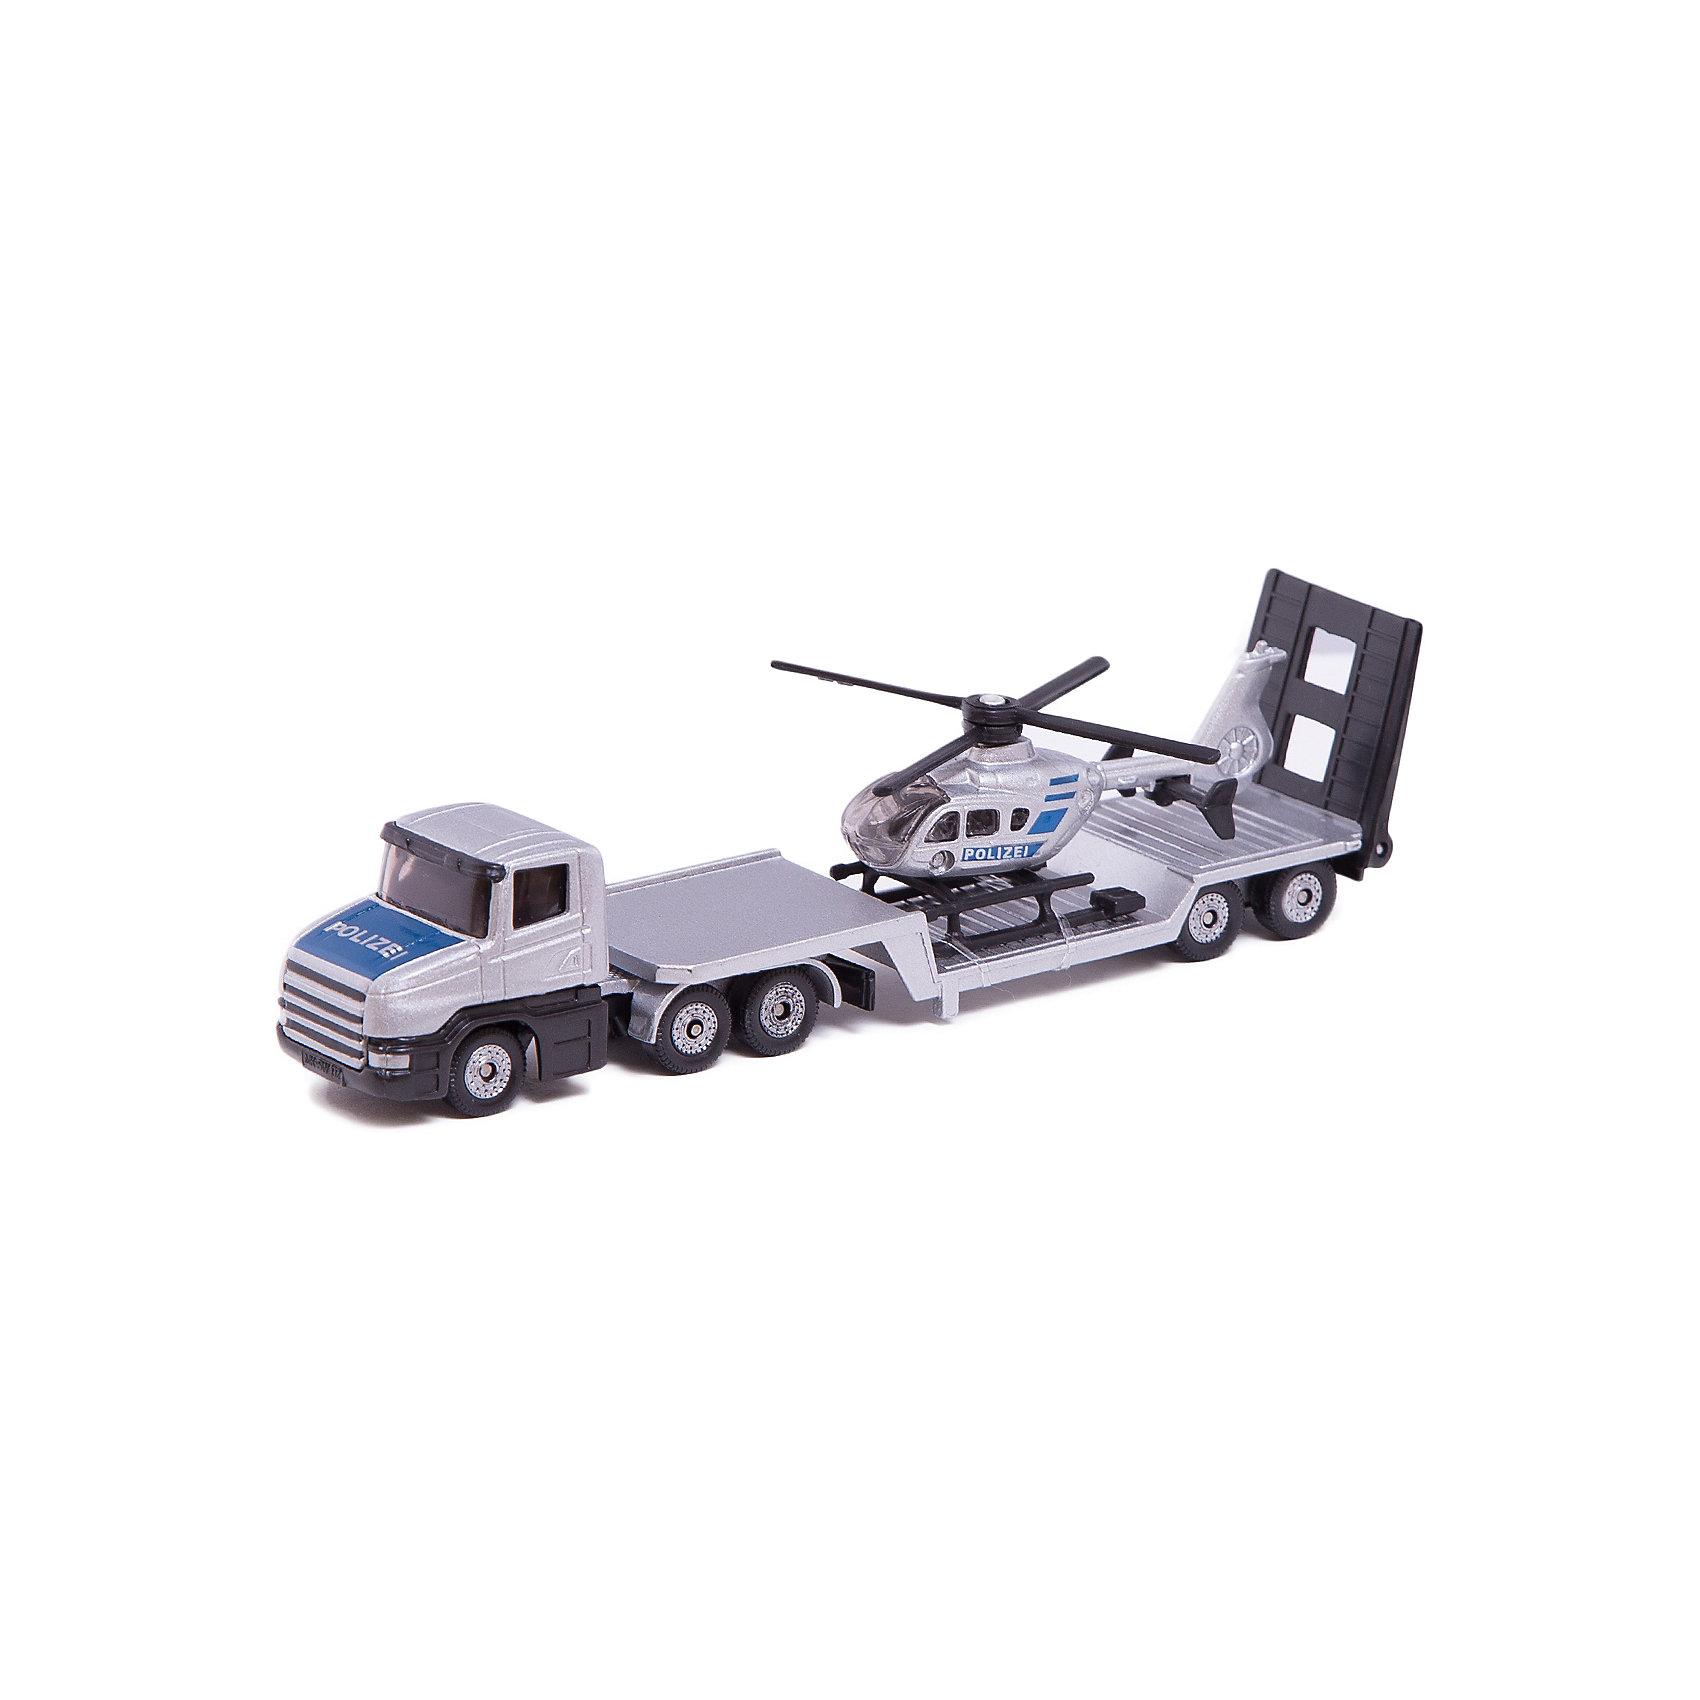 SIKU 1610 Низкорамный грузовик с вертолетомИгровые наборы<br>SIKU (СИКУ) 1610 Низкорамный грузовик с вертолетом<br><br>Корпус тягача и прицепа выполнены из металла, лобовое и боковые стёкла из прозрачной тонированной пластмассы, колёса выполнены из пластмассы и вращаются, можно катать. Прицеп отцепляется от тягача, вертолёт снимается с прицепа.<br><br>Дополнительная информация:<br>-Размер: 16,3 x 3,6 x 4 см<br>-Материал: металл с элементами пластмассы<br><br>Полицейские машина и вертолет понравится любому мальчику, а удобная форма и размер машины позволит взять игрушку полностью в руку, что поможет тренировать координацию движения и мелкую моторику.<br><br>SIKU (СИКУ) 1610 Низкорамный грузовик с вертолетом можно купить в нашем магазине.<br><br>Ширина мм: 196<br>Глубина мм: 78<br>Высота мм: 40<br>Вес г: 129<br>Возраст от месяцев: 36<br>Возраст до месяцев: 96<br>Пол: Мужской<br>Возраст: Детский<br>SKU: 1503793